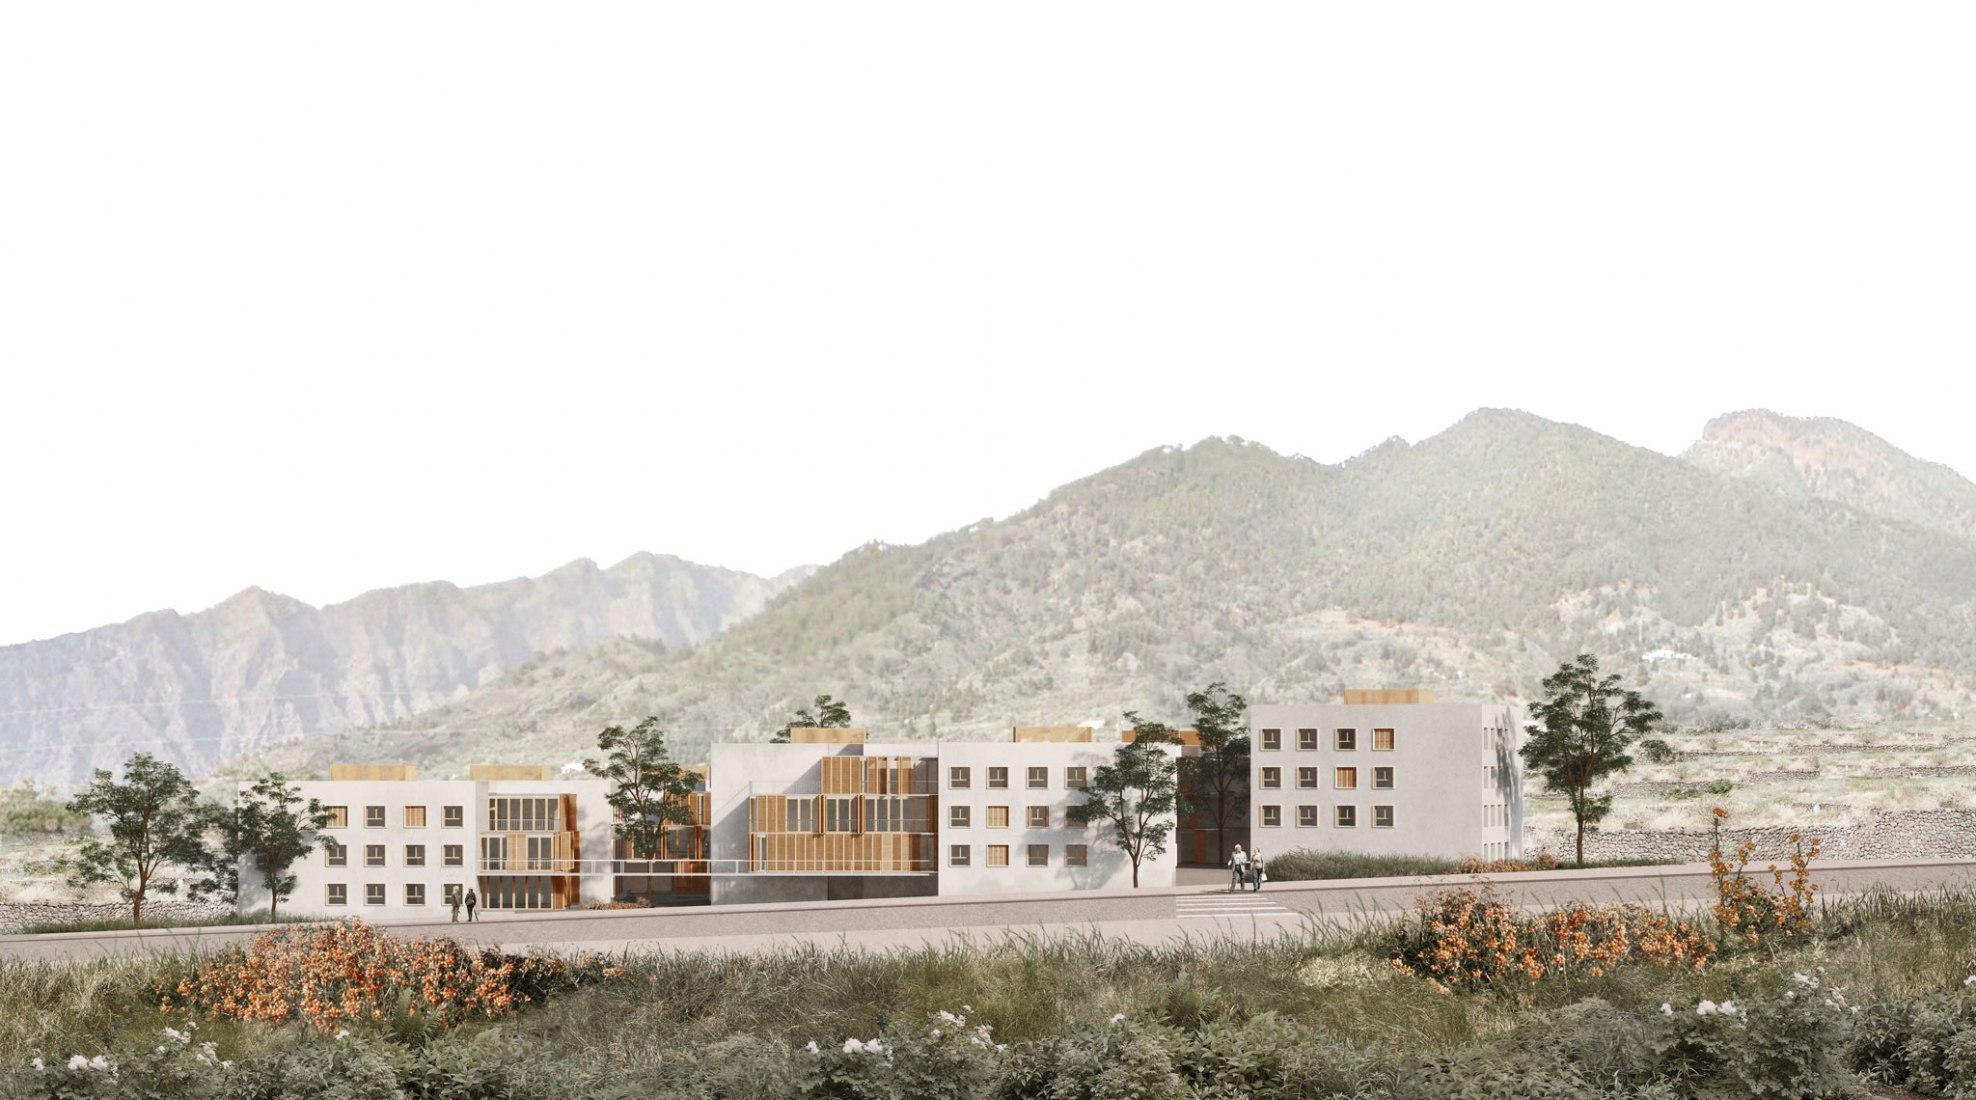 Inspiración en el paisaje. Residencia Insular de Mayores y centro de día por Burgos y Garrido. Visualización por Supernova Visual